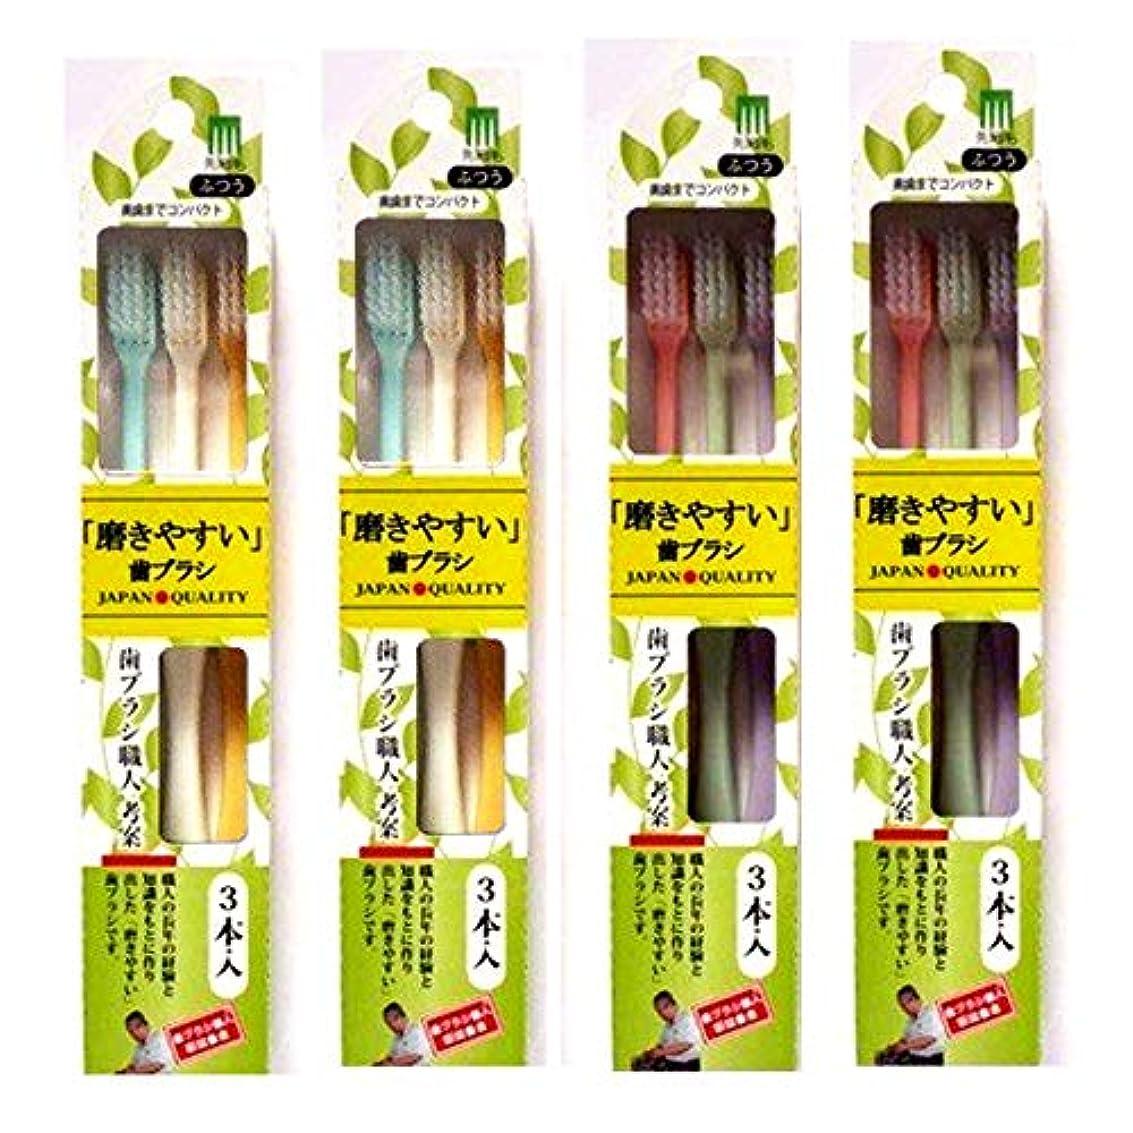 高い現象反逆者磨きやすい歯ブラシ (先細毛) 奥までコンパクト ELT-1 (3本組×4個セット)